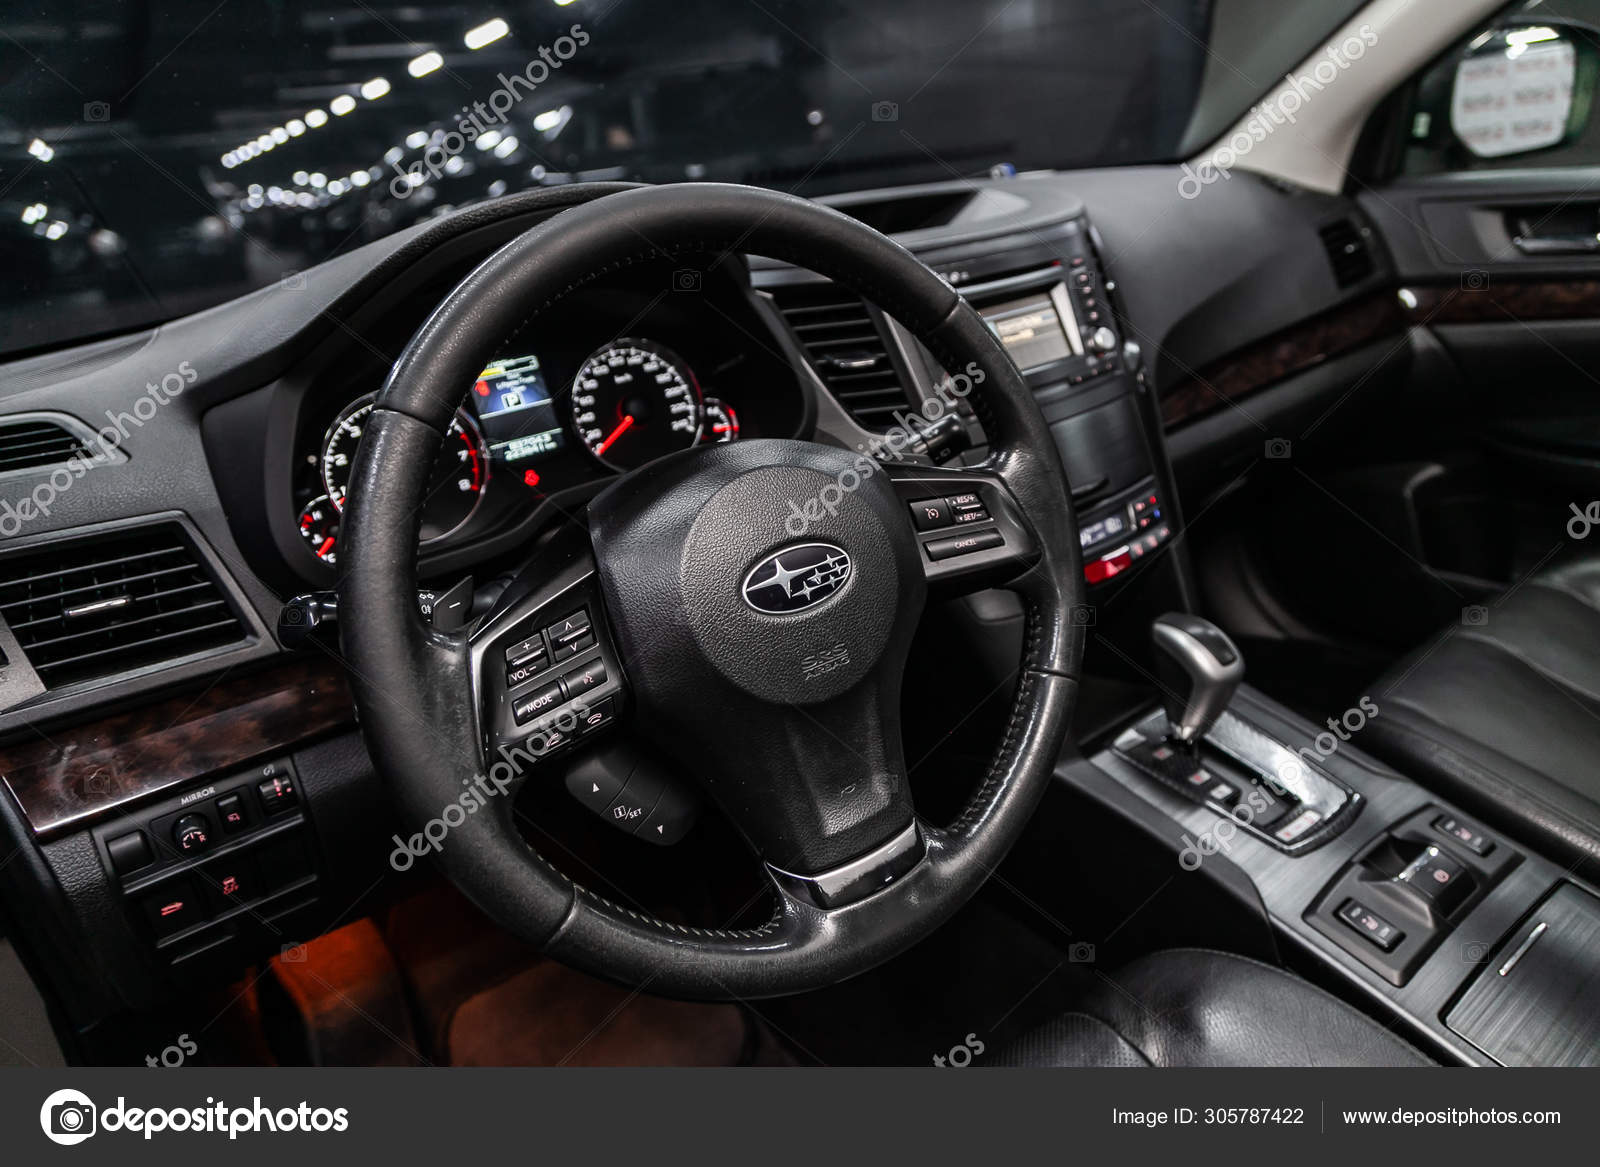 Novosibirsk Russia Agosto 2019 Subaru Outback Black Luxury Car Interior Fotografia De Stock Editorial C Everyonensk 305787422